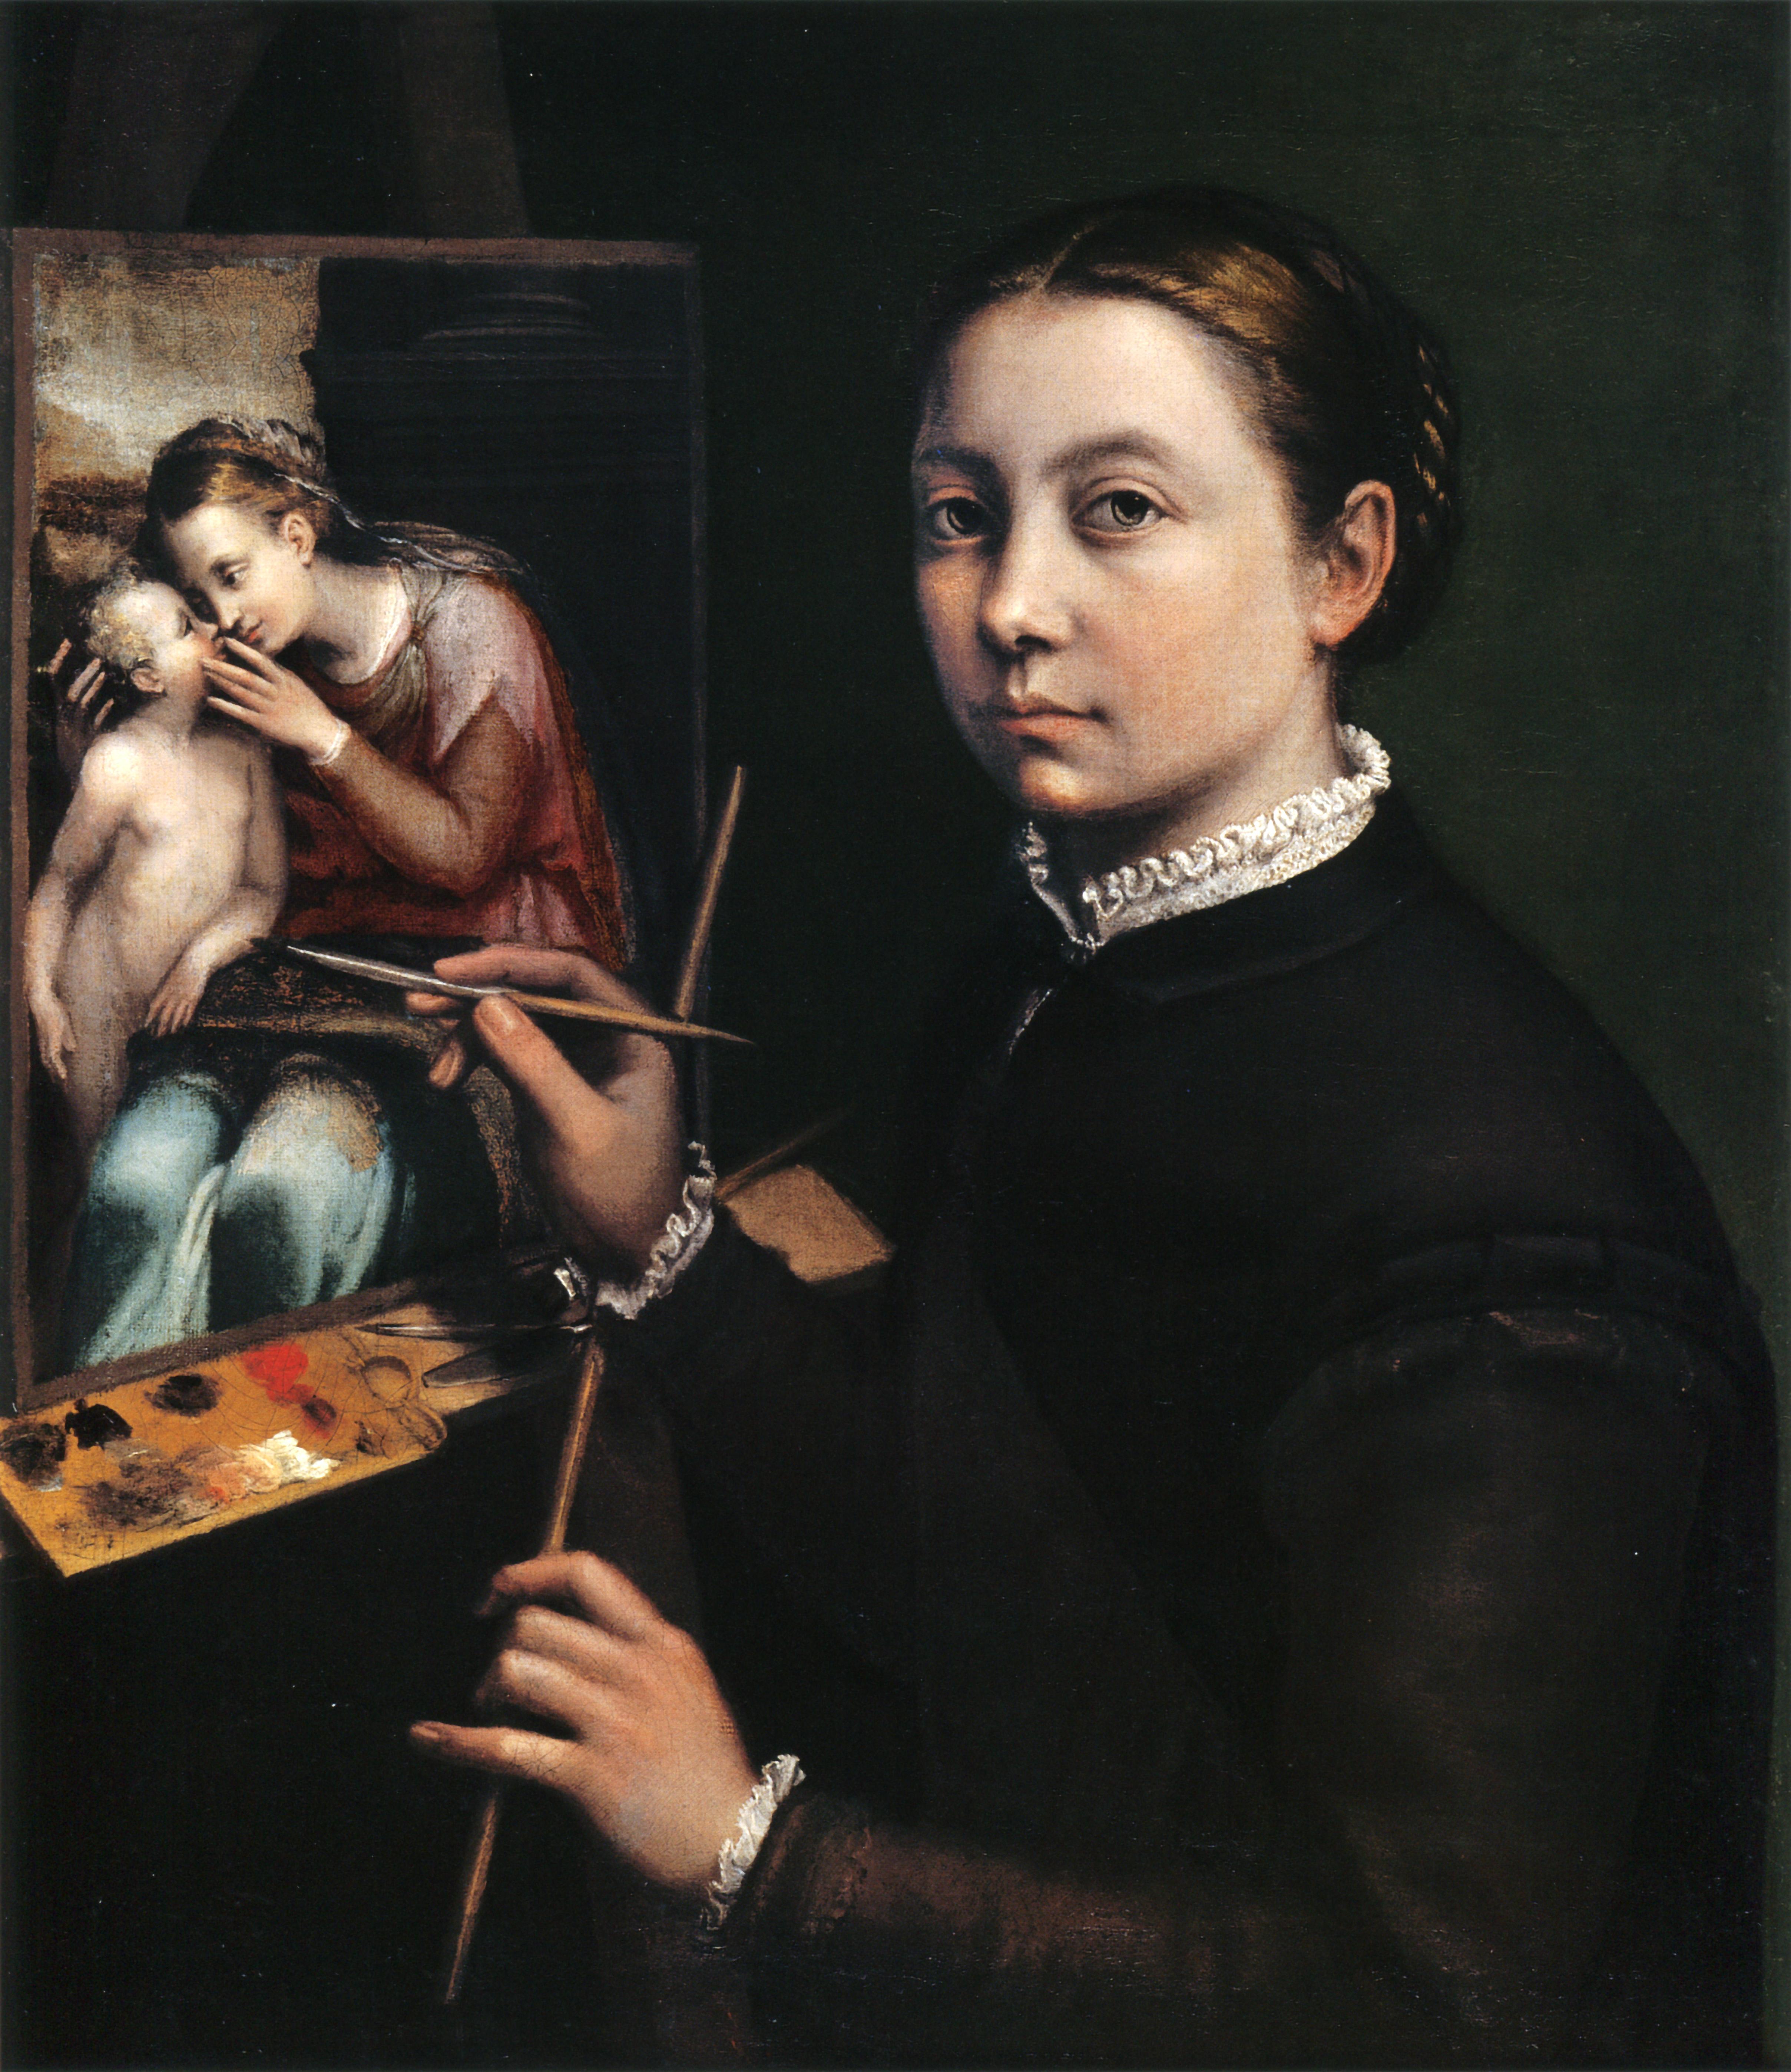 hombres de compania para mujeres en barcelona cumplir mujer sicilia